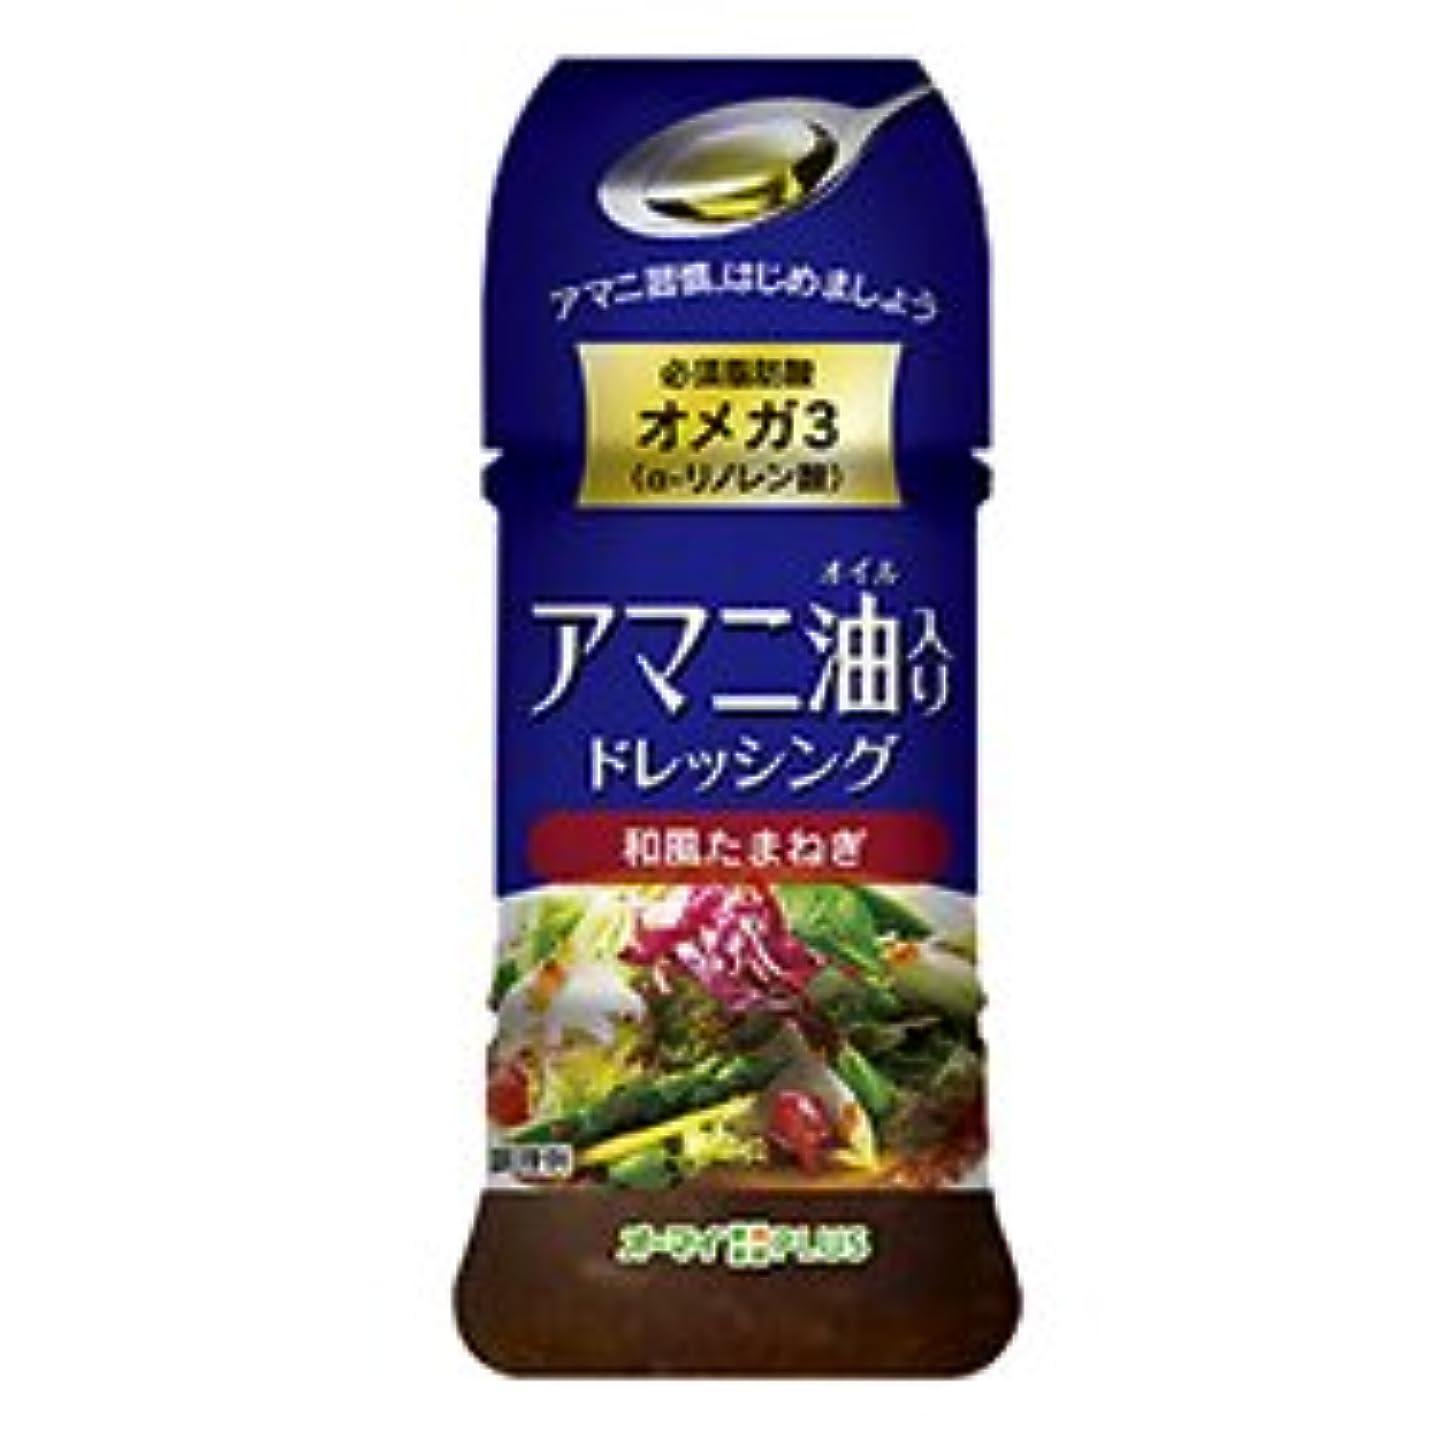 勇敢な辛な殺しますアマニ油ドレッシング 和風たまねぎ【5本セット】日本製粉